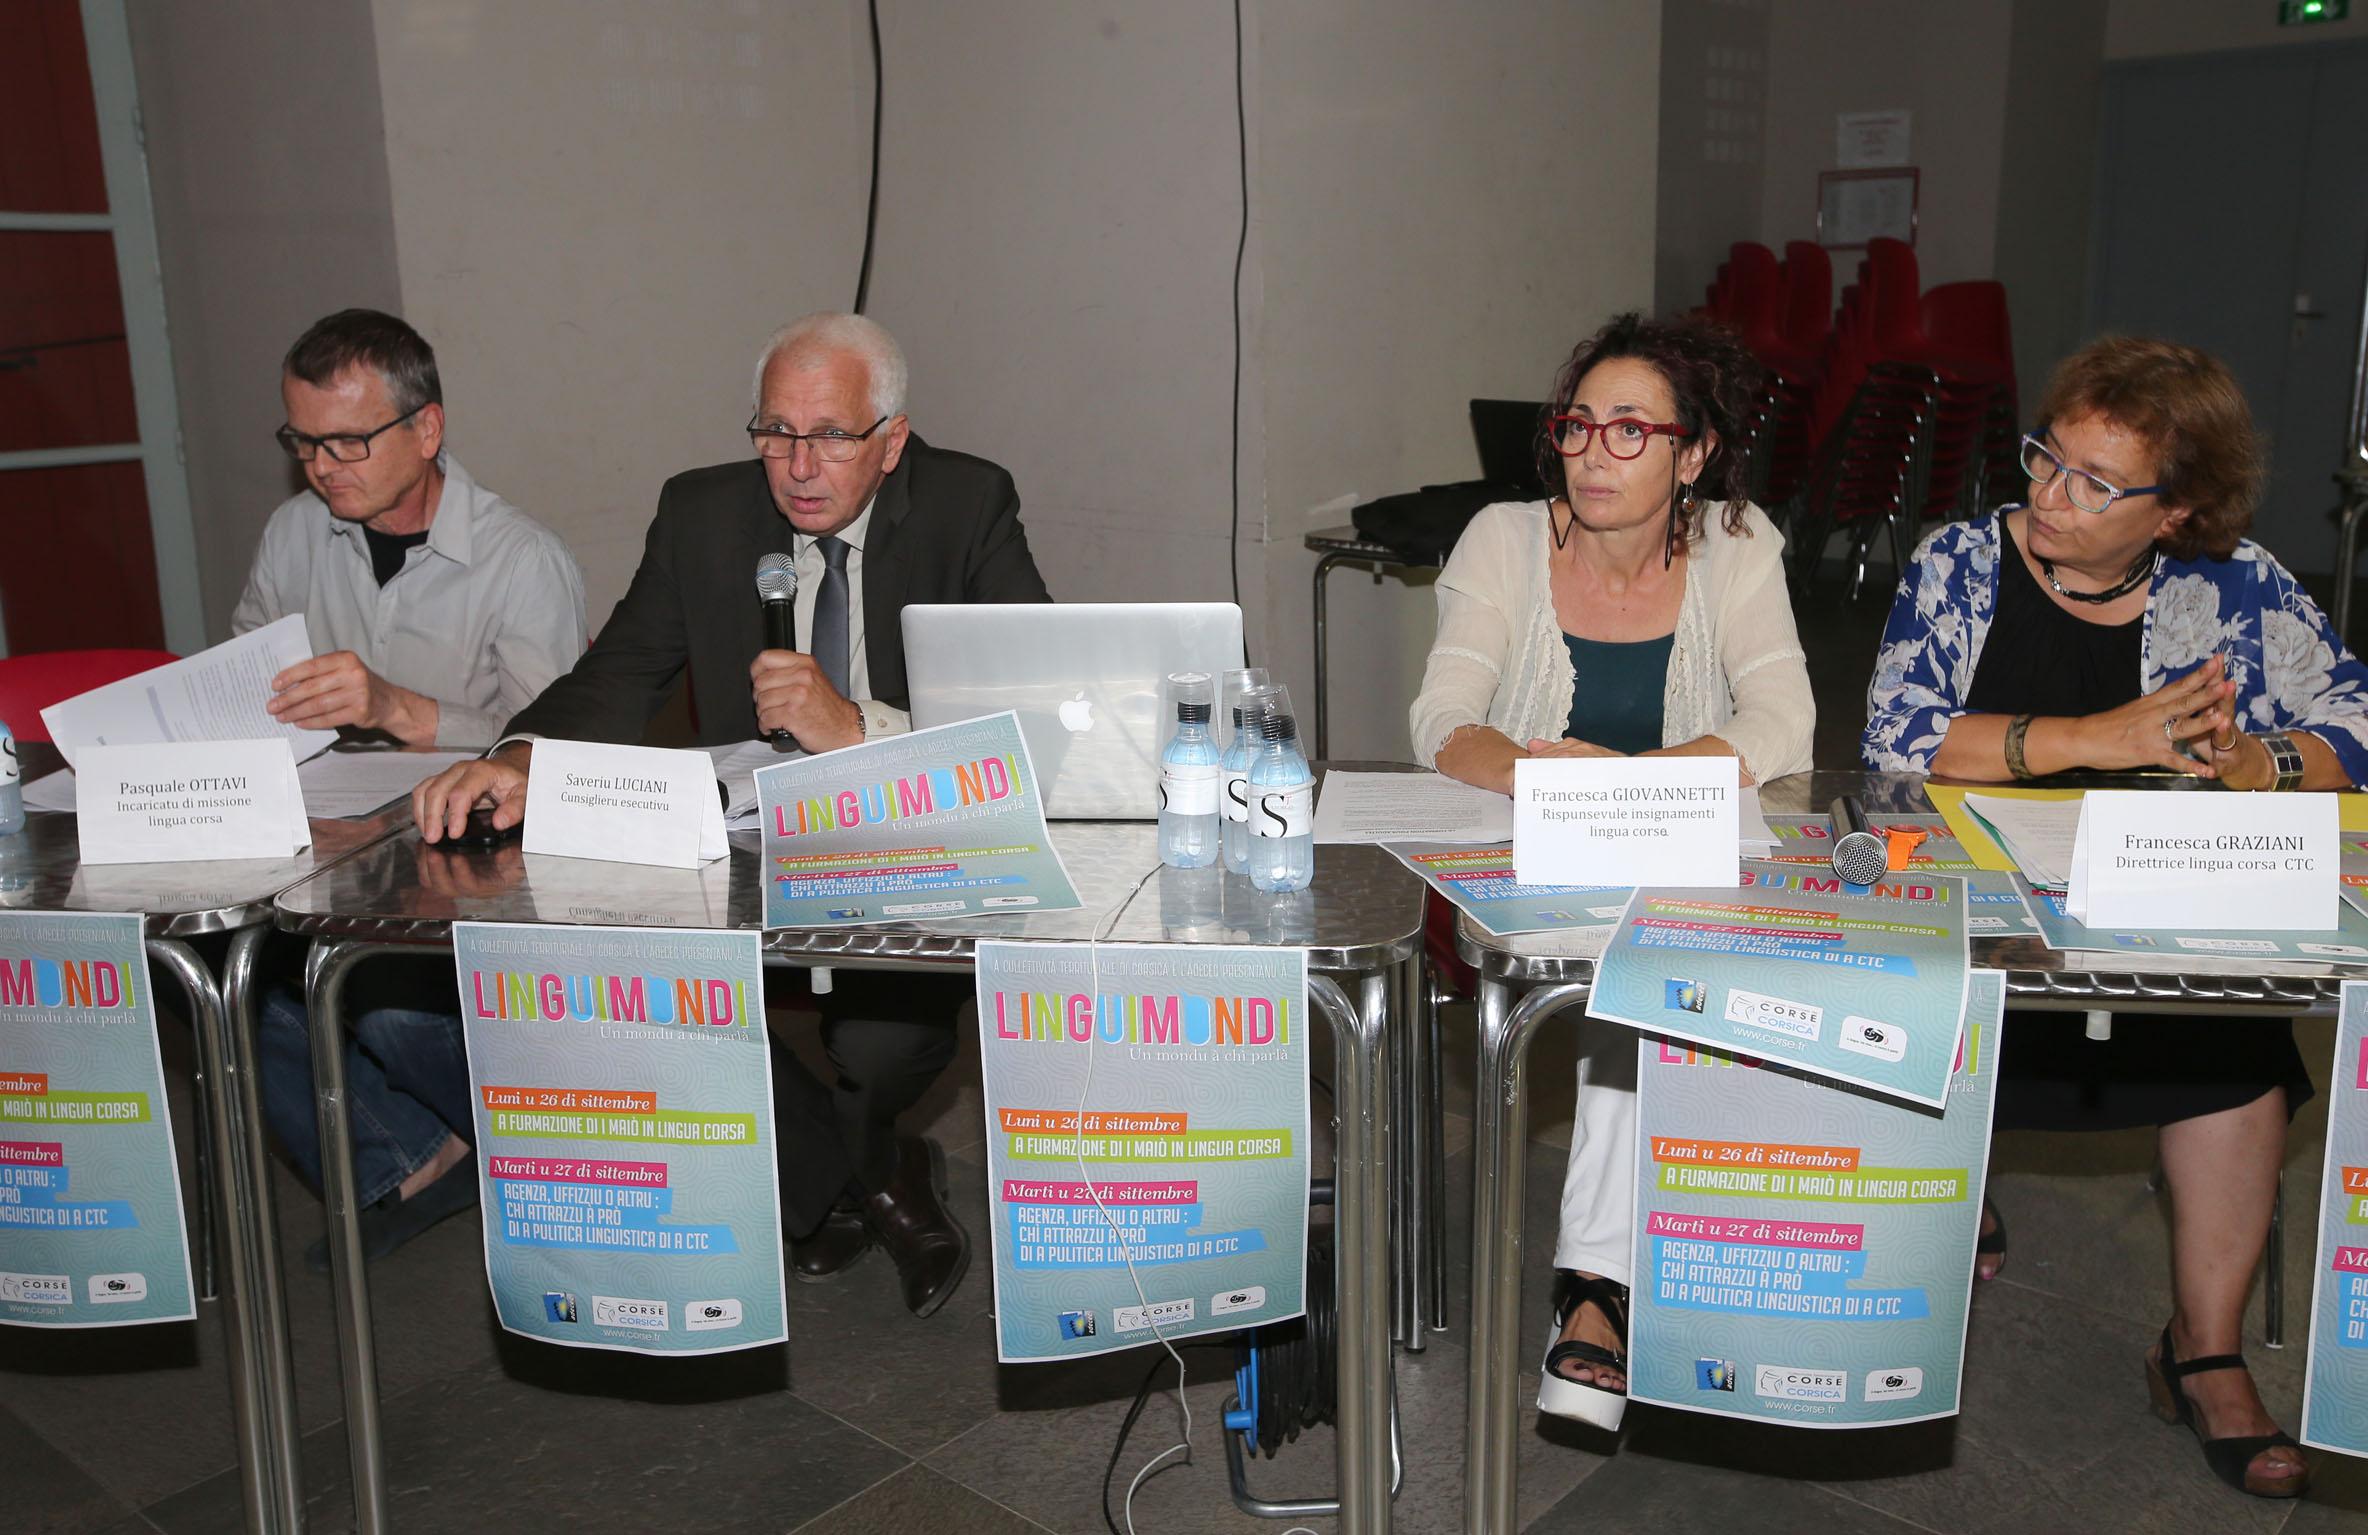 Linguimondi 2016 : La langue corse résonne à Cervioni